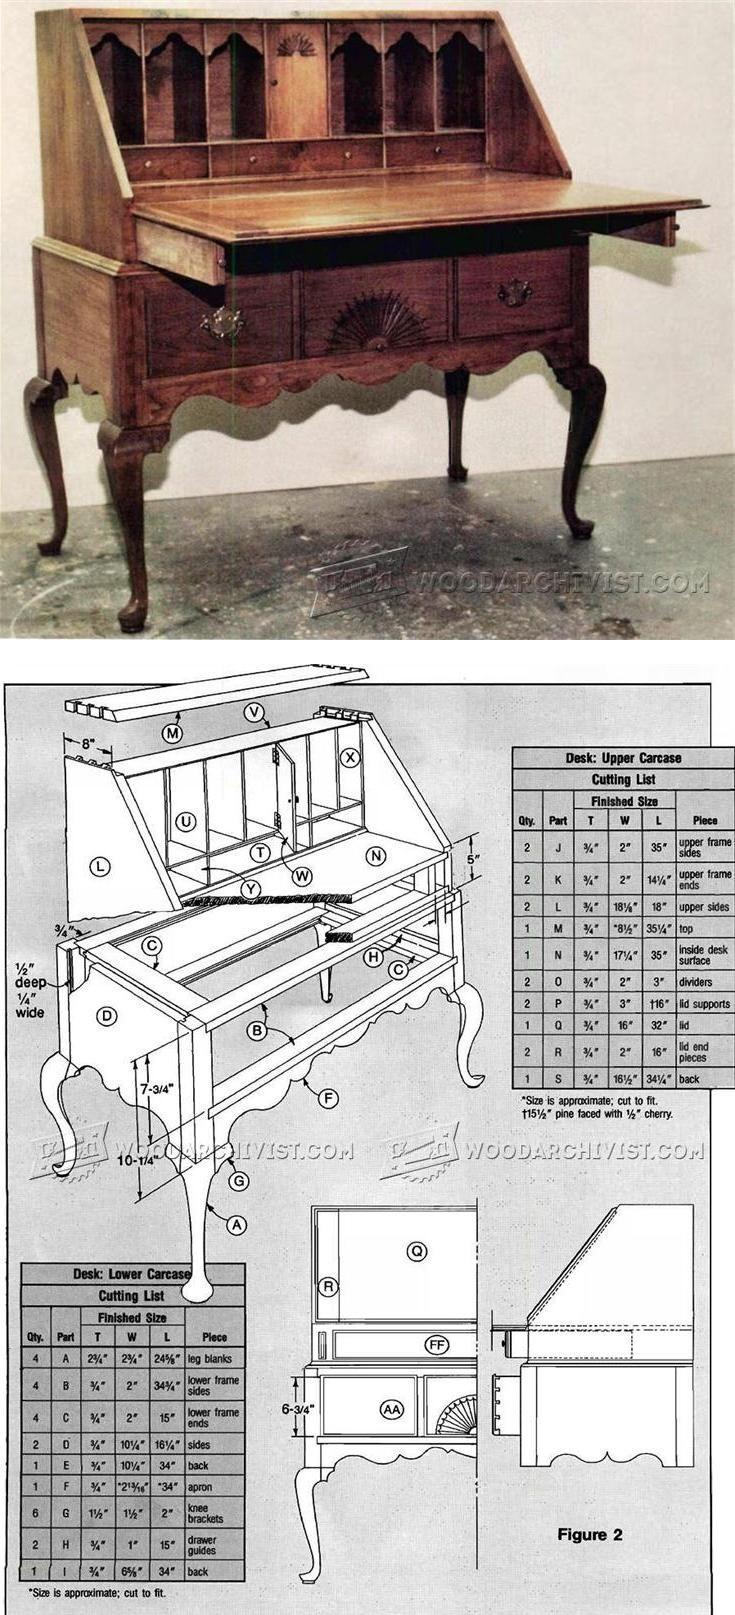 Secretary desk furniture plans - Secretary Desk Plans Furniture Plans And Projects Woodarchivist Com